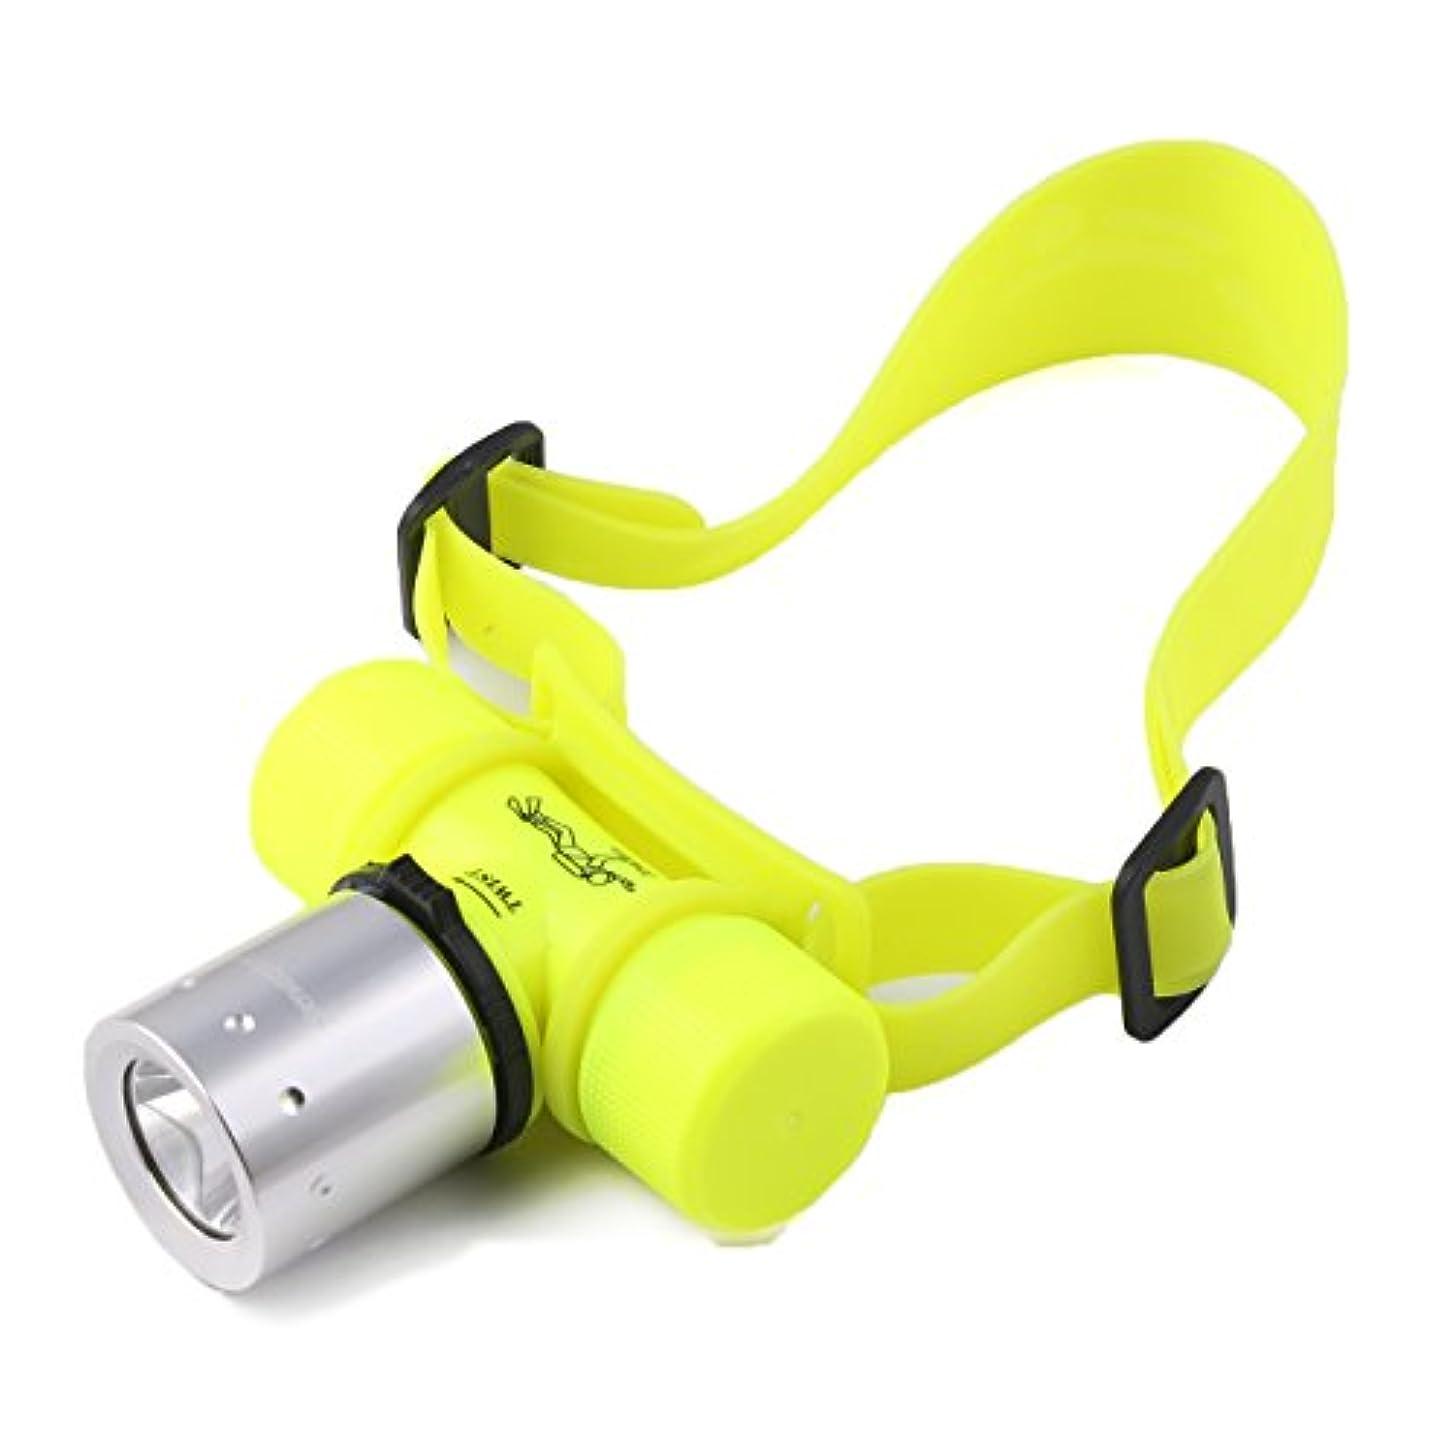 裸スープ報酬のヘッドライト Yeezii LEDヘッドランプ 小型軽量 3モード 300ルーメンヘッドライト 潜水15-20m 夜釣り 工事 作業適用